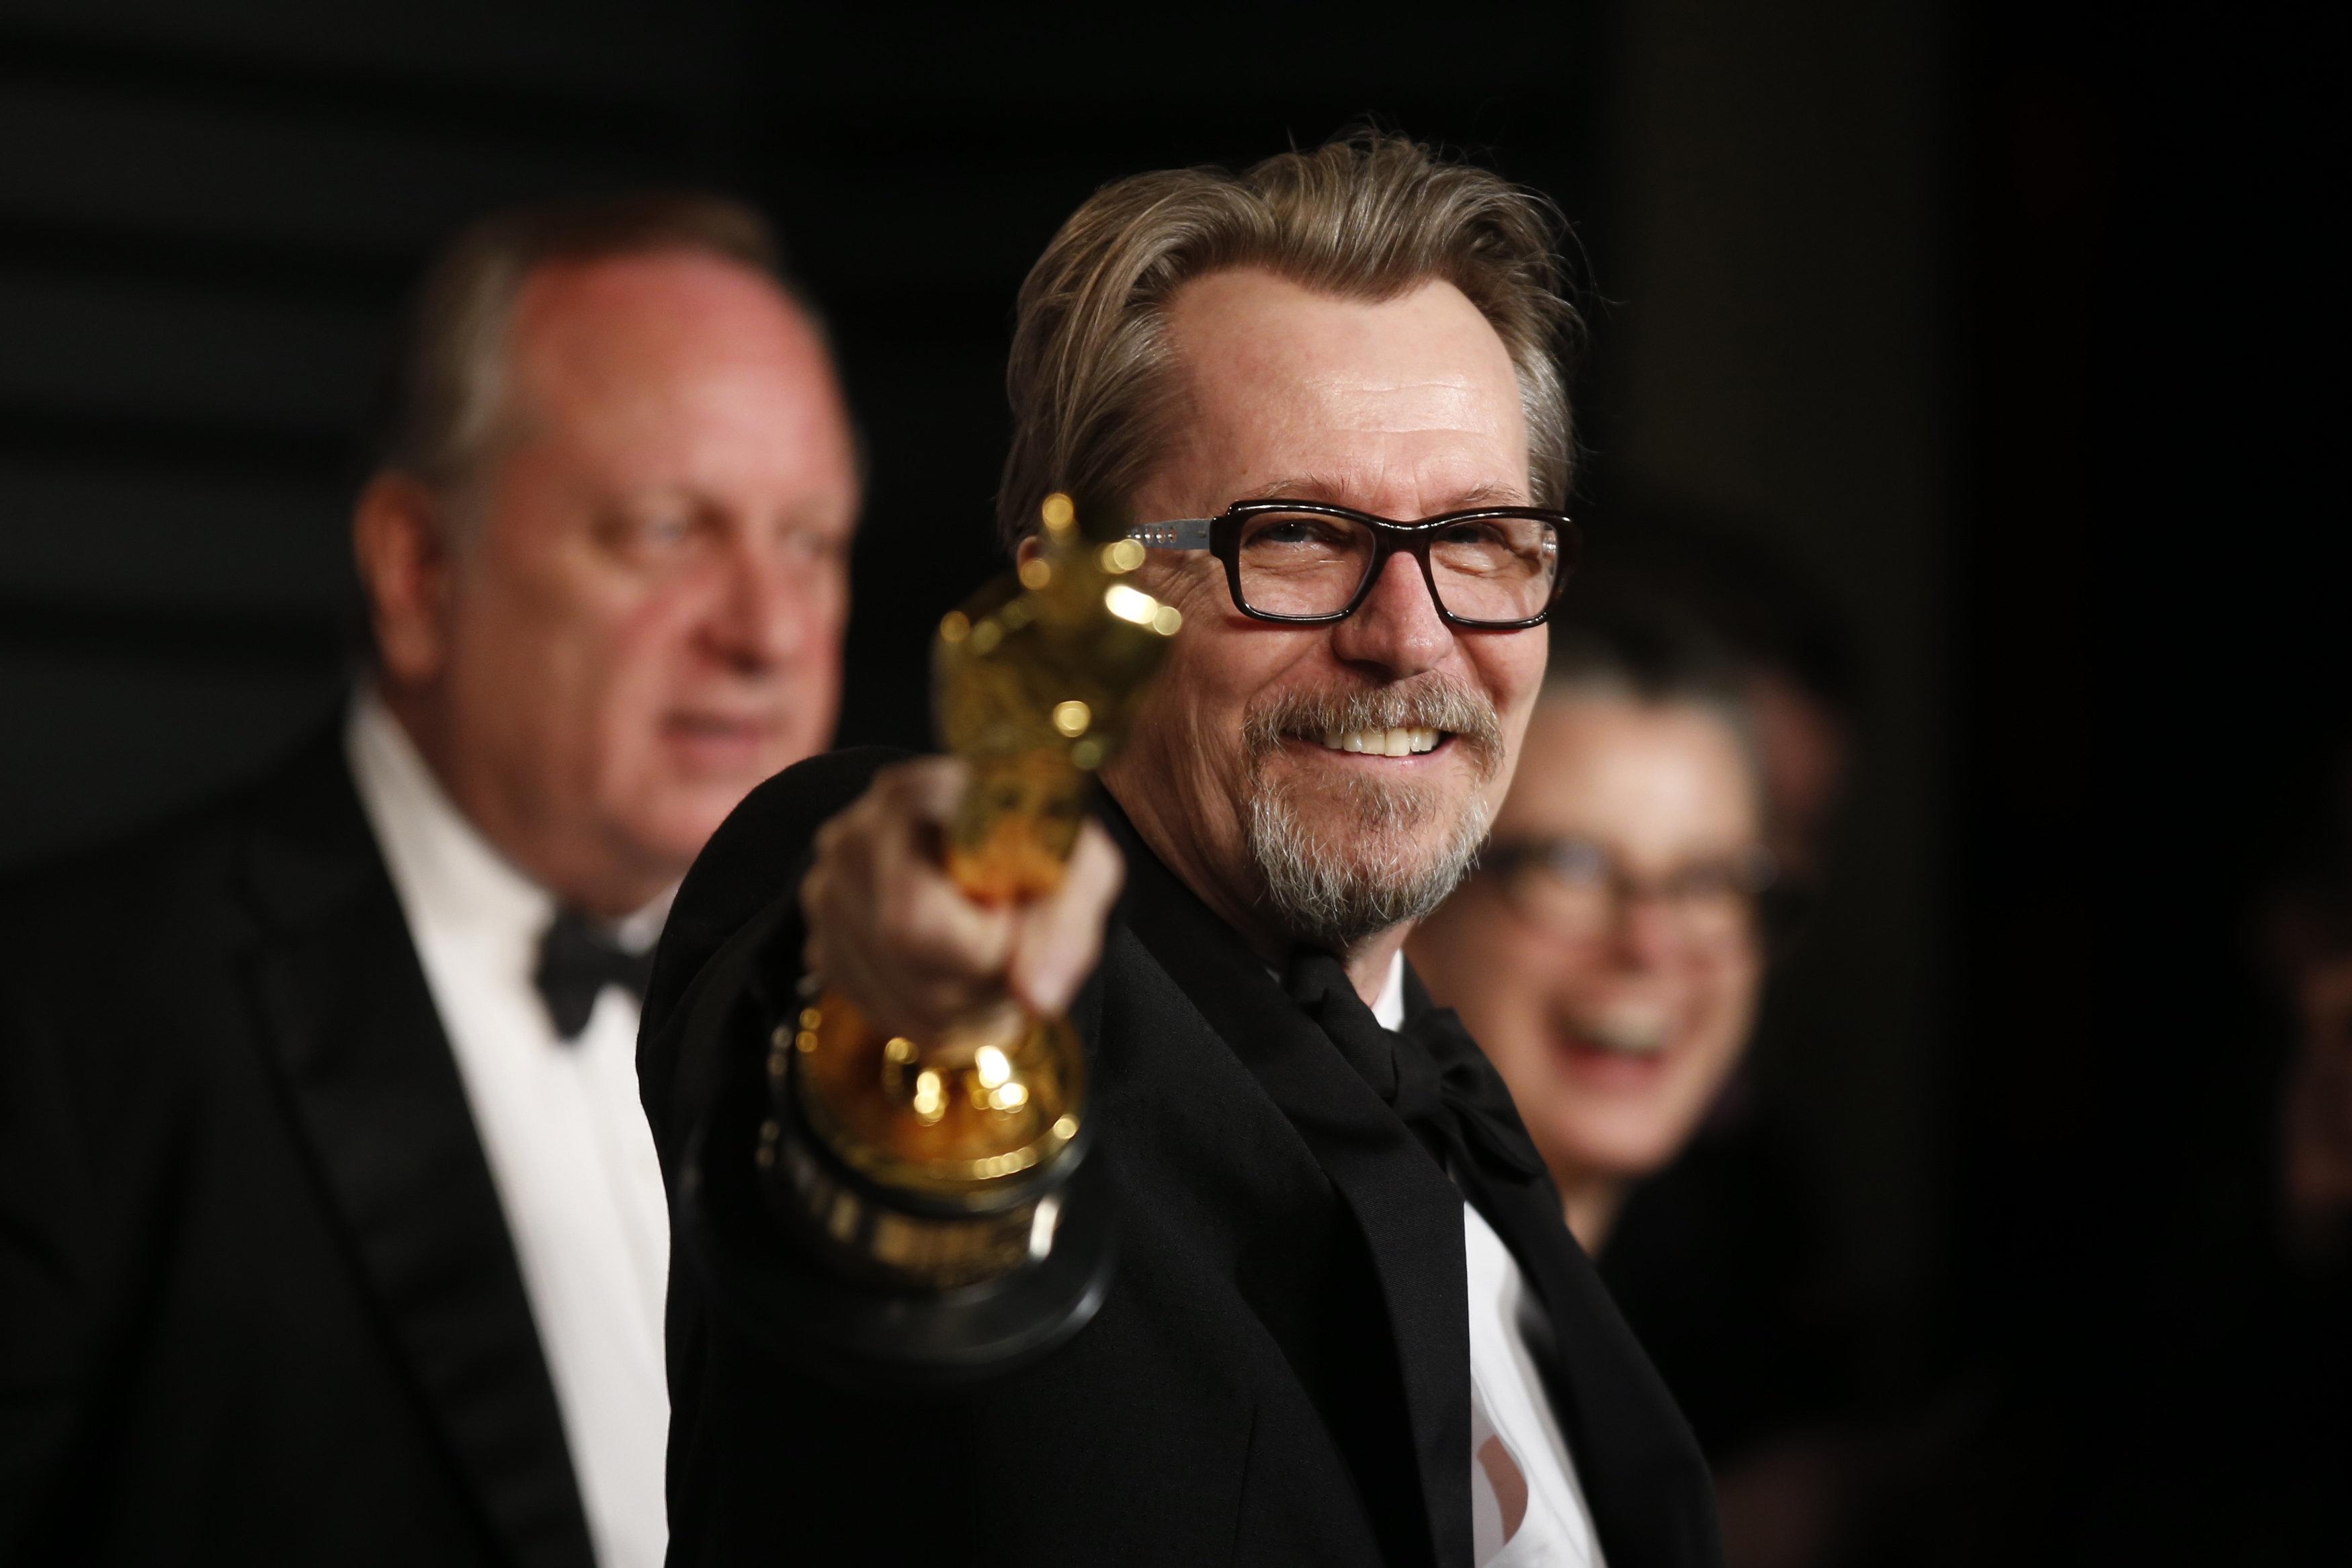 Κι όμως κάποιοι έγιναν έξαλλοι που ο Gary Oldman κέρδισε Oscar! Είναι ποτέ δυνατόν όμως να έχουν δίκιο;